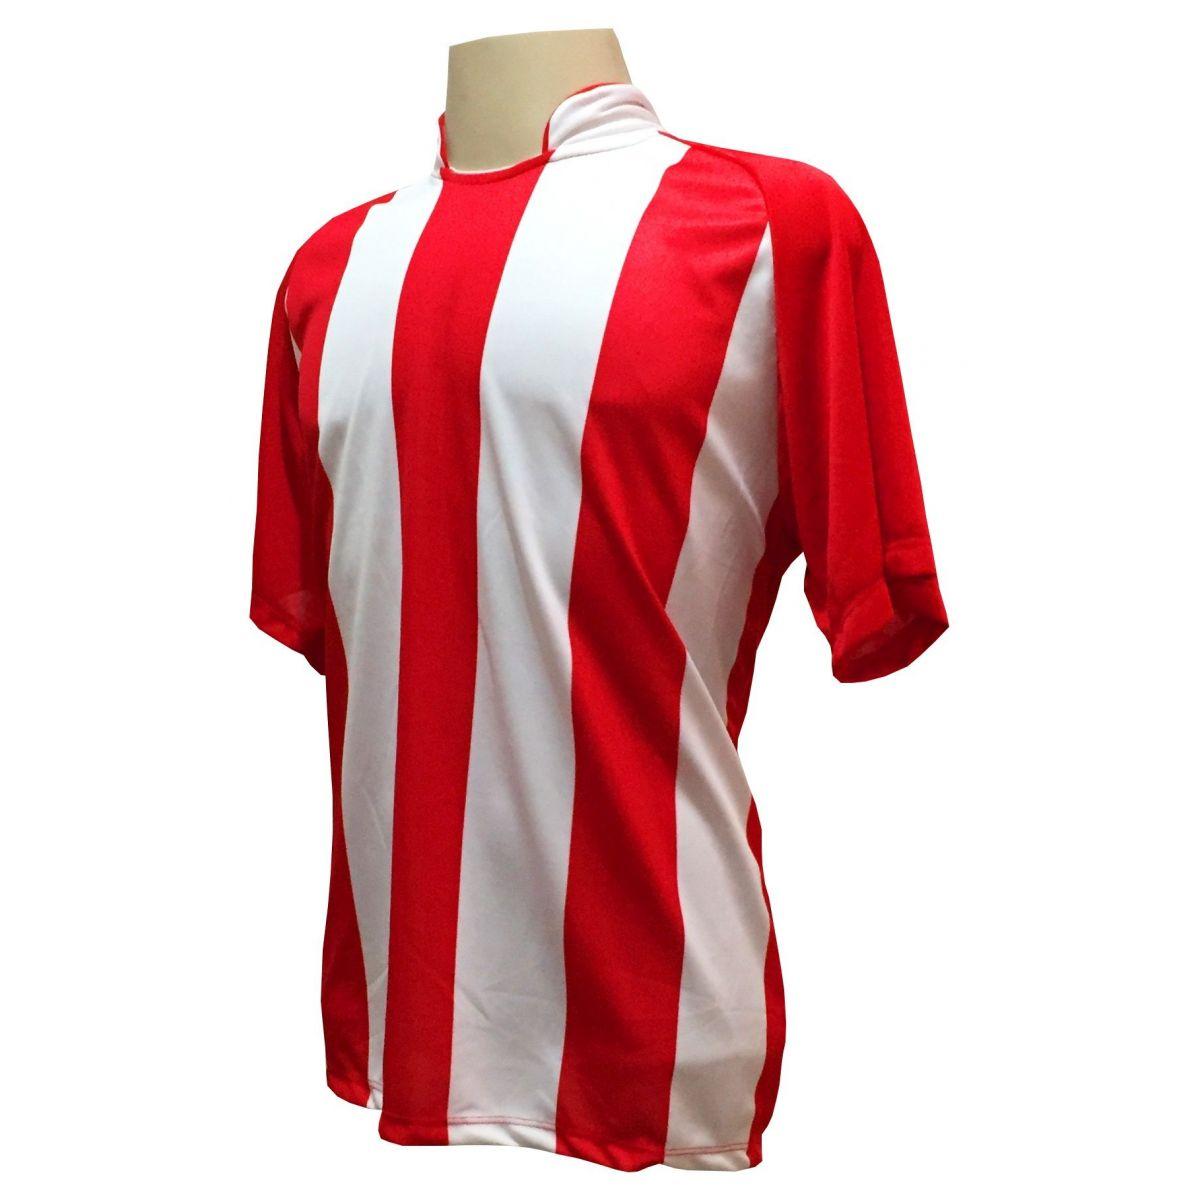 Uniforme Esportivo com 12 camisas modelo Milan Vermelho/Branco + 12 calções modelo Copa Vermelho/Branco + Brindes